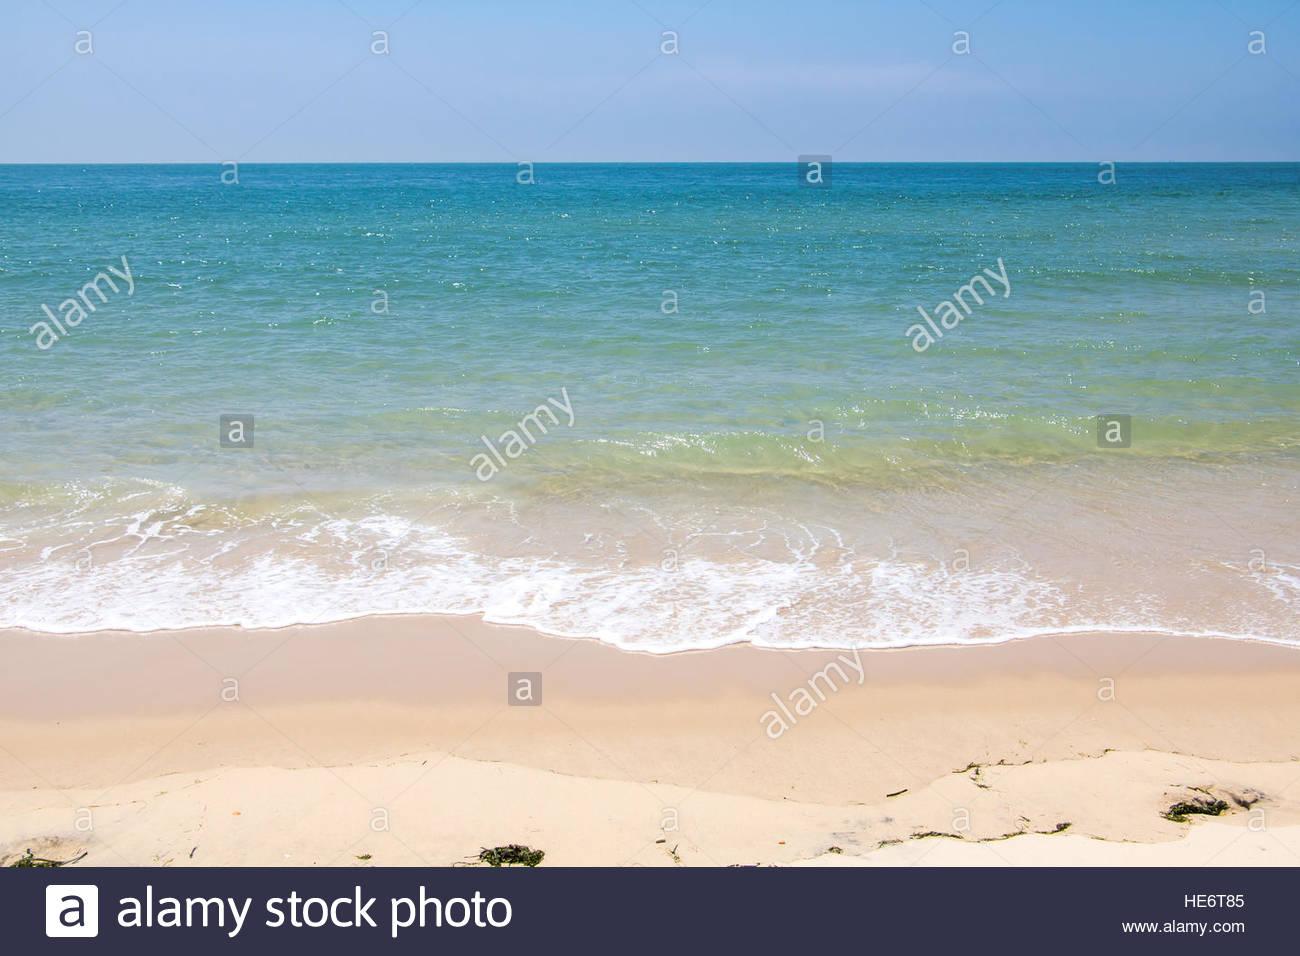 Alla moda di vacanza estiva, destinazione mediterranea francese spiaggia sabbiosa bellissima natura vacanza sulla Immagini Stock